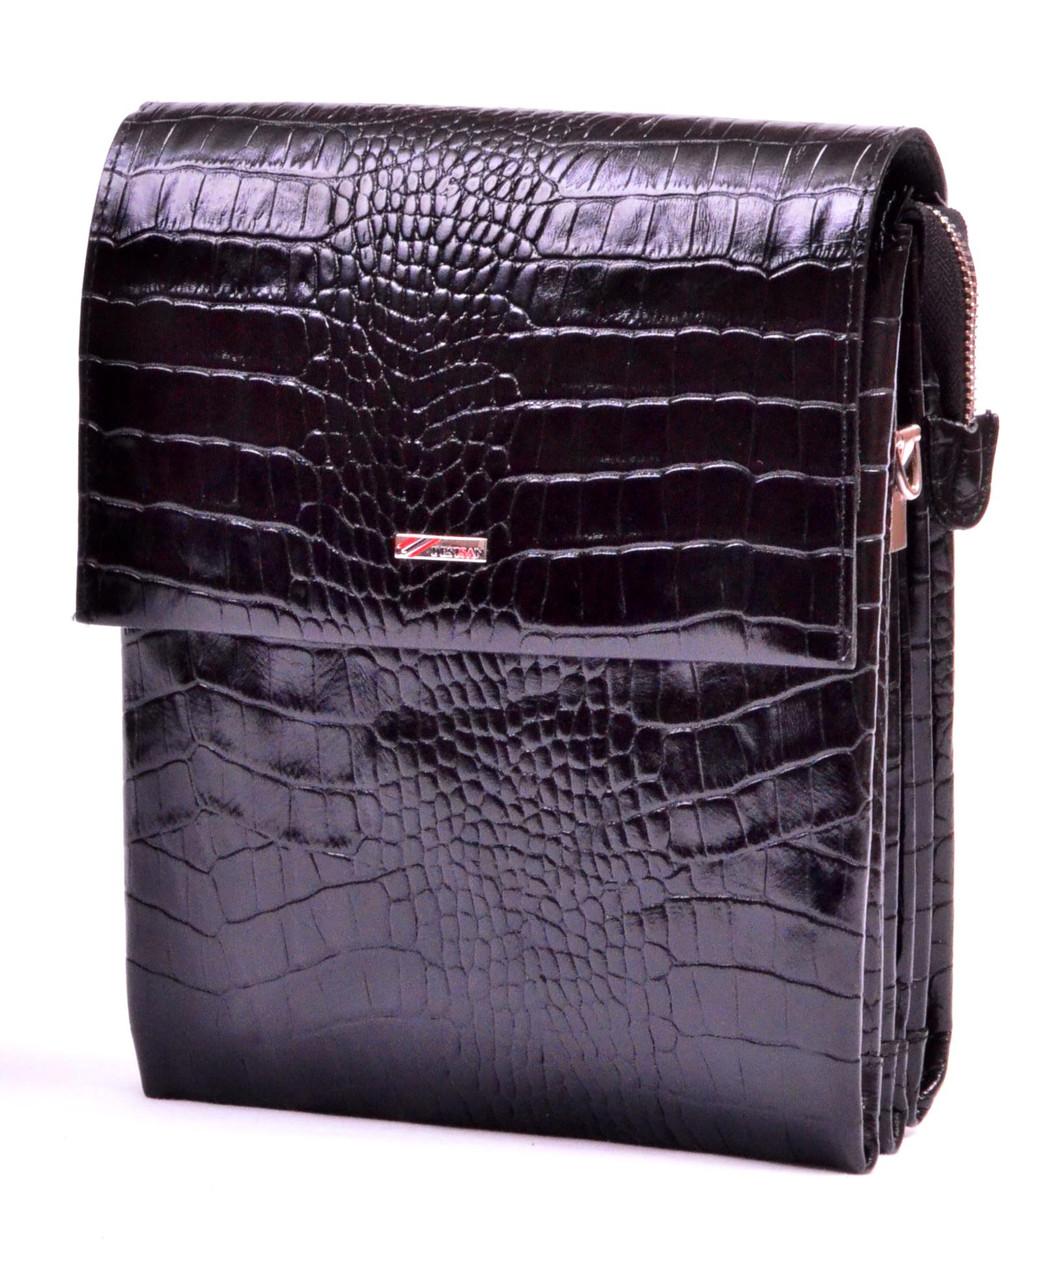 ad8ba037791a Desisan 1452 (11, 19) мужские кожаные сумки, цена 2 210 грн., купить ...